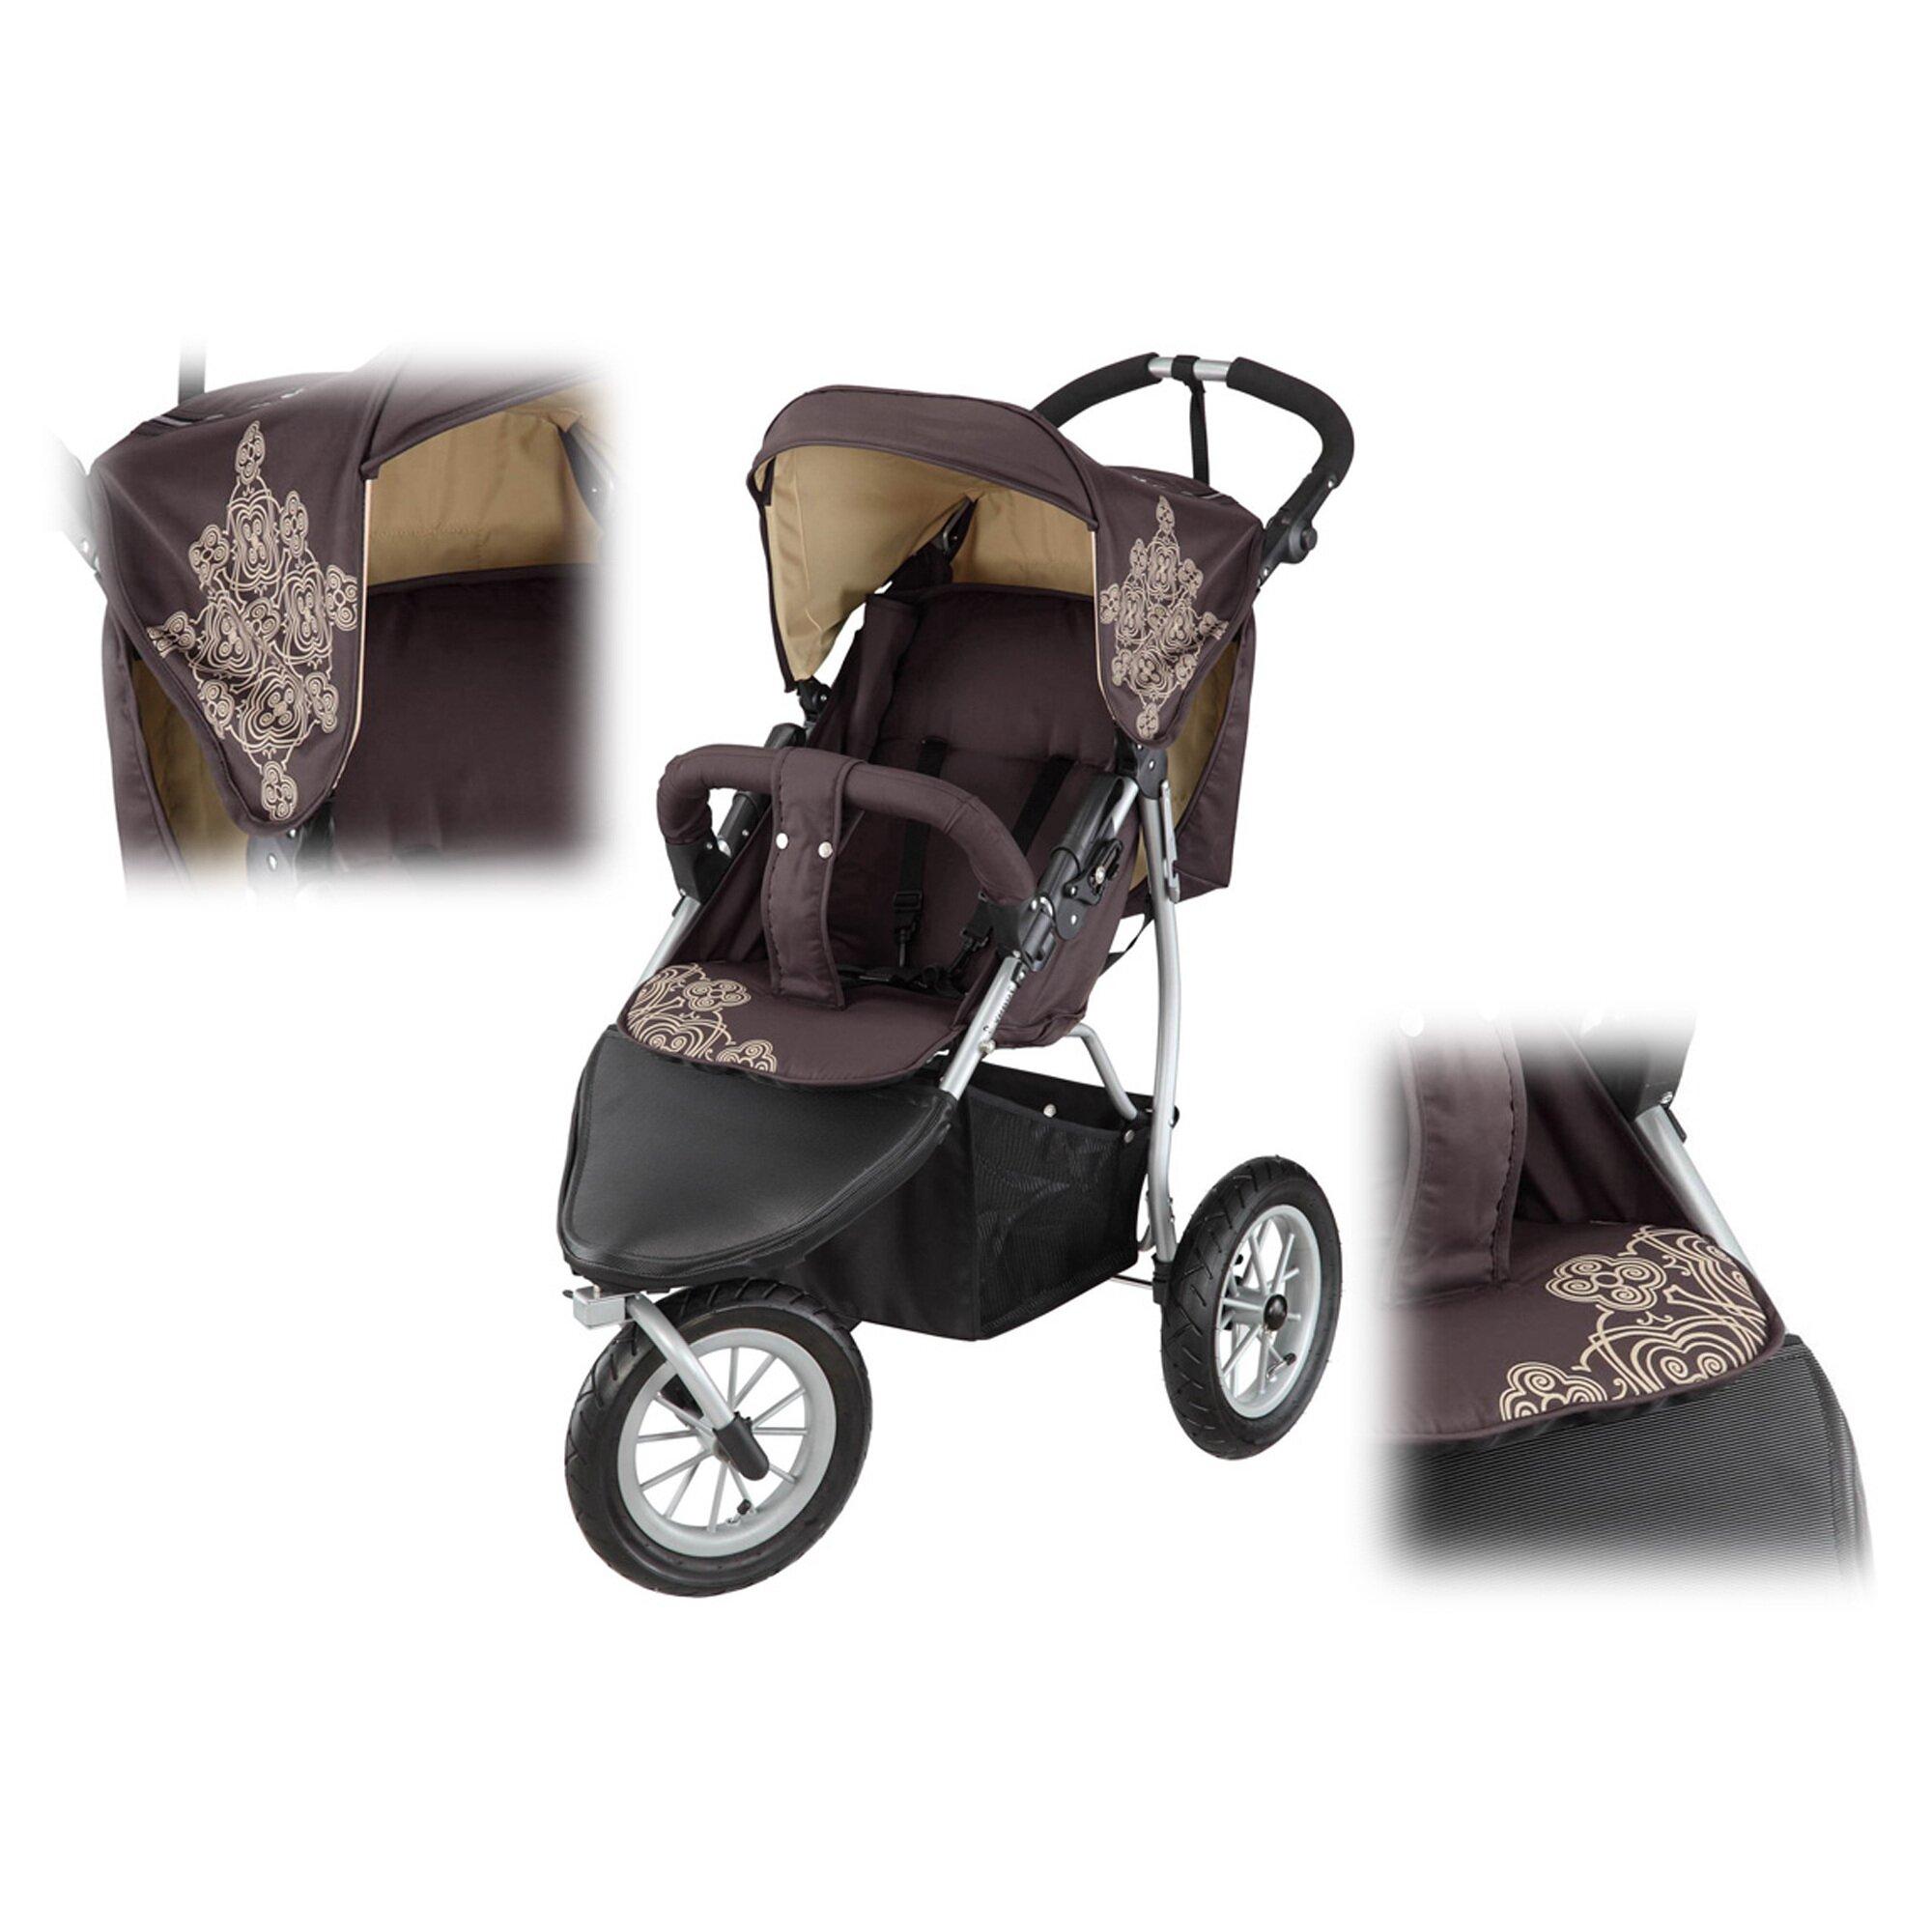 knorr-baby-joggy-s-kinderwagen-sportwagen-braun